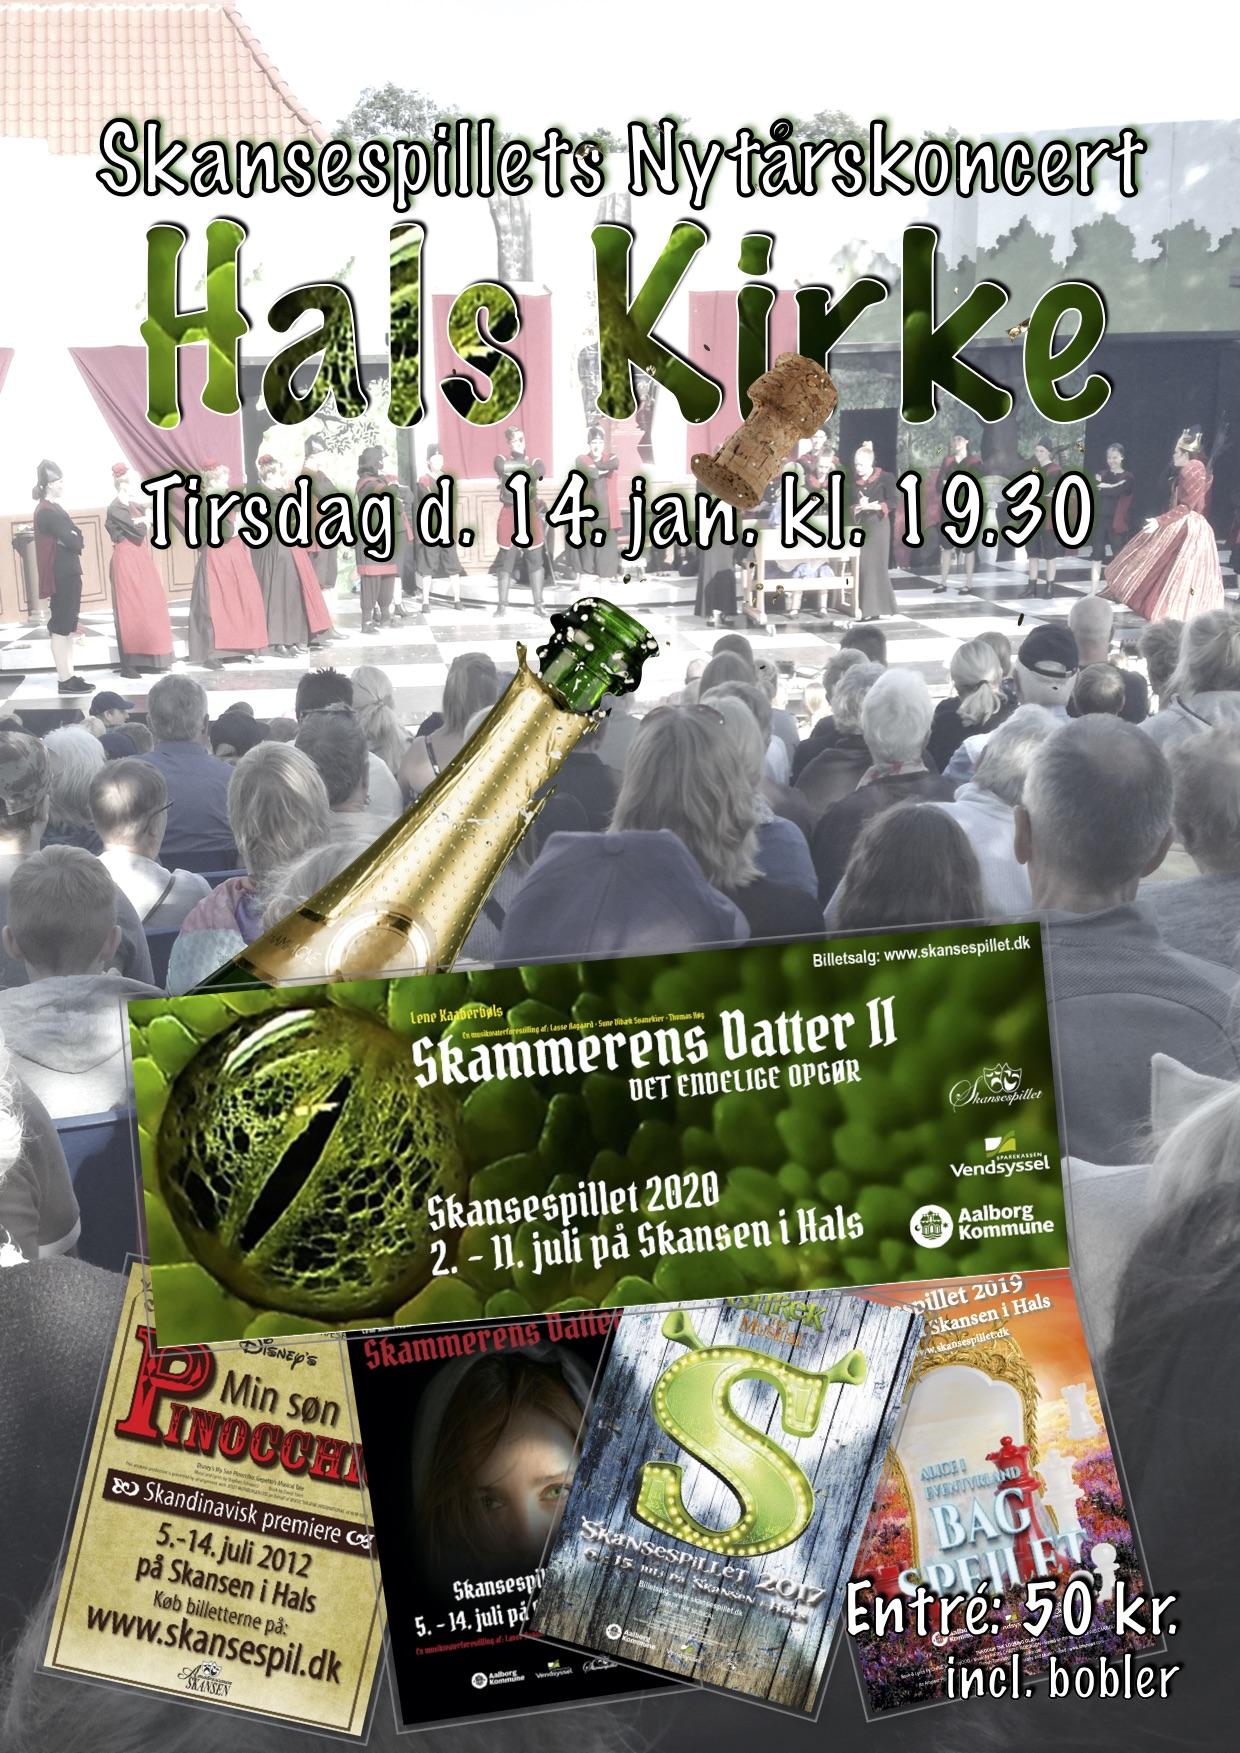 20-01-14 Hals Kirke - Skansespillets nytårskoncert plakat